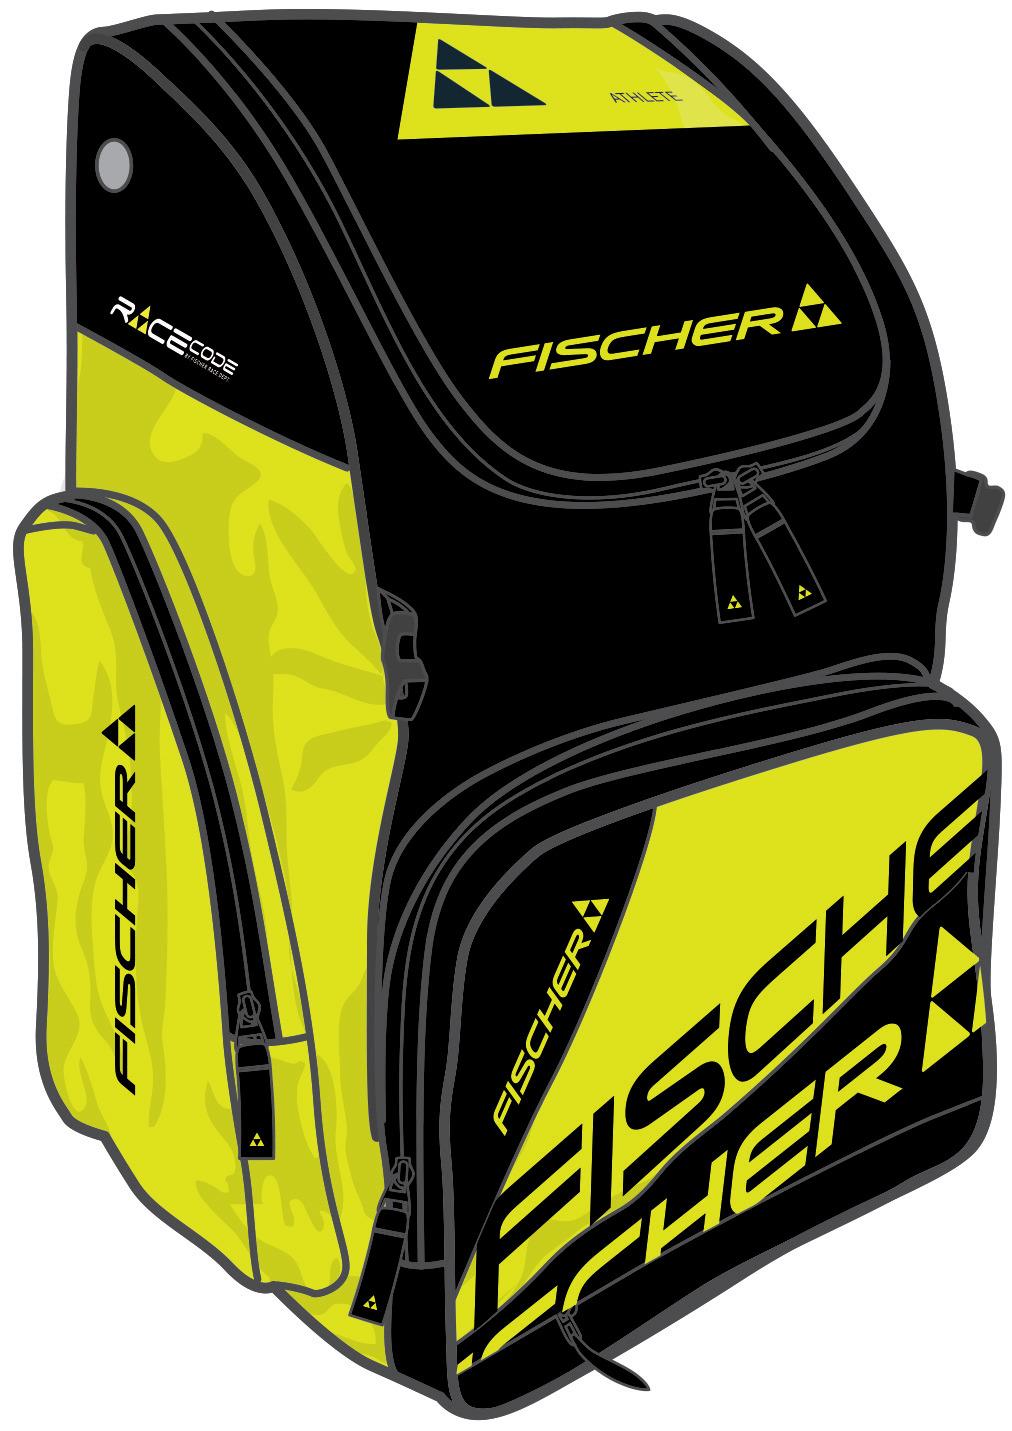 Рюкзак fischer с логотипом качество школьных портфелей, ранцев, рюкзаков